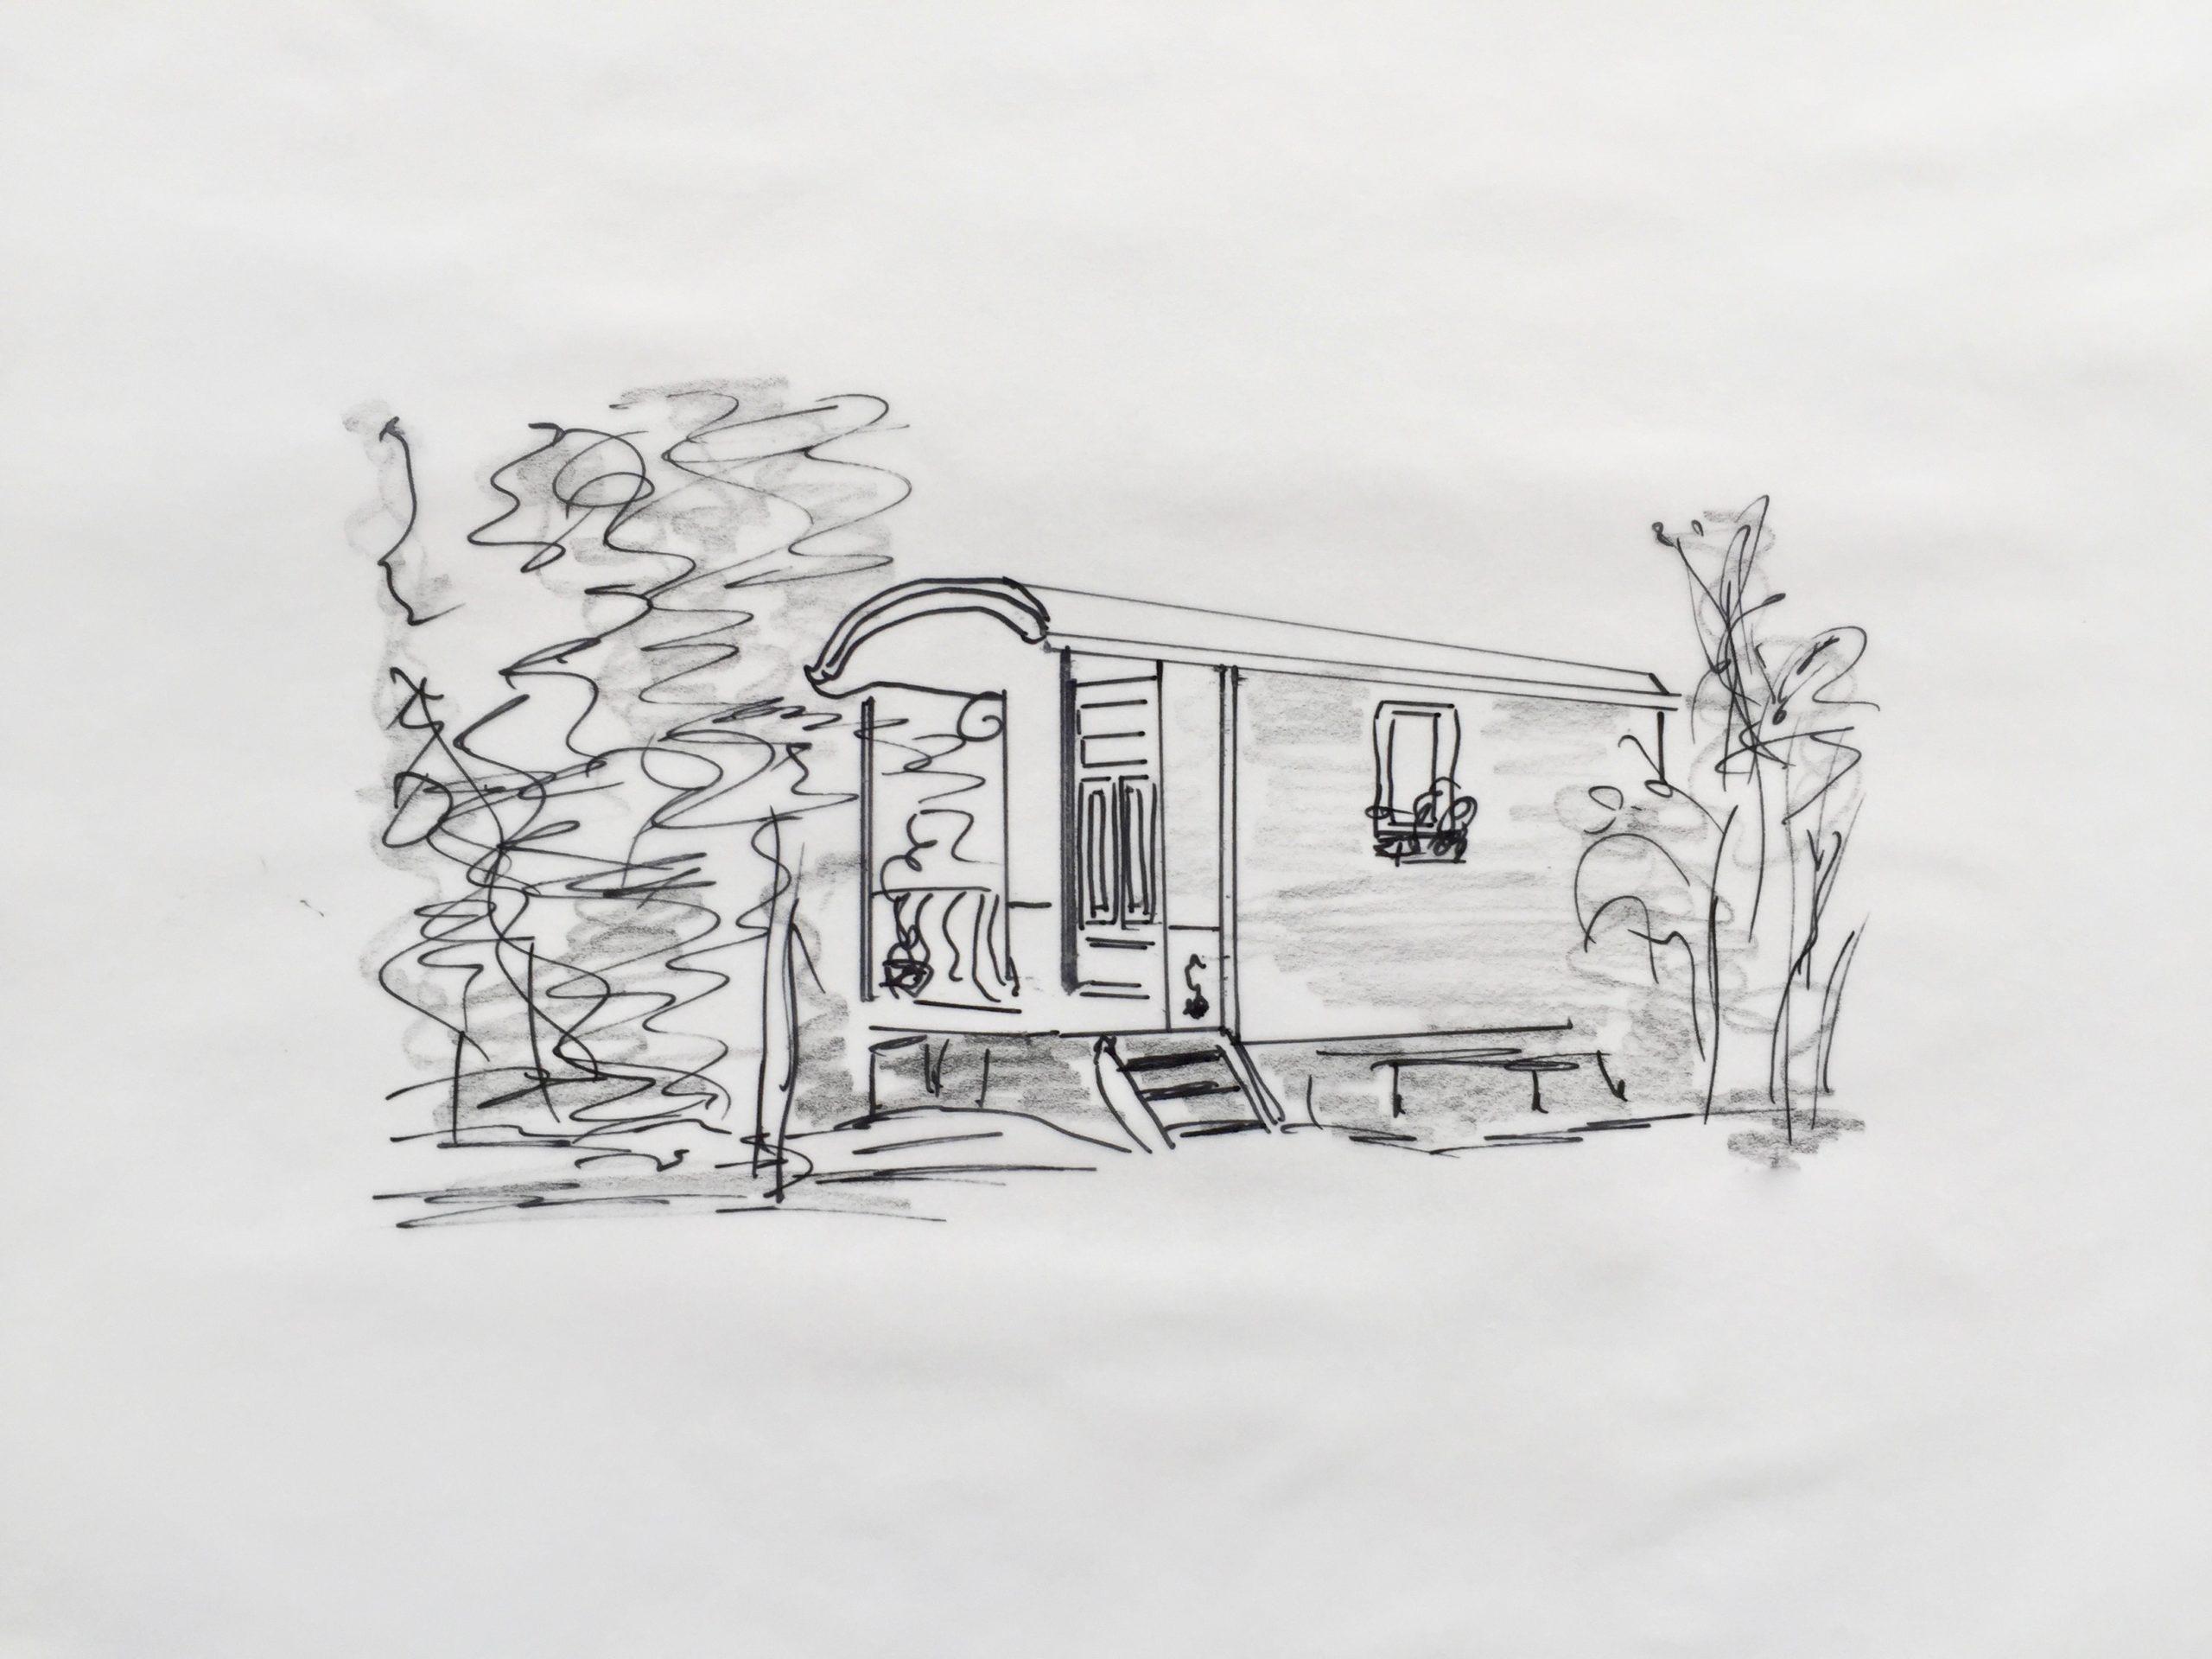 Baufinanzierung –Skizze: Ein Wohnwagen im Grünen –sprich wenig Haus fürs Geld ? Kann schon passieren, weil die Hausbank bei Finanzierung nicht in Optionen denkt.